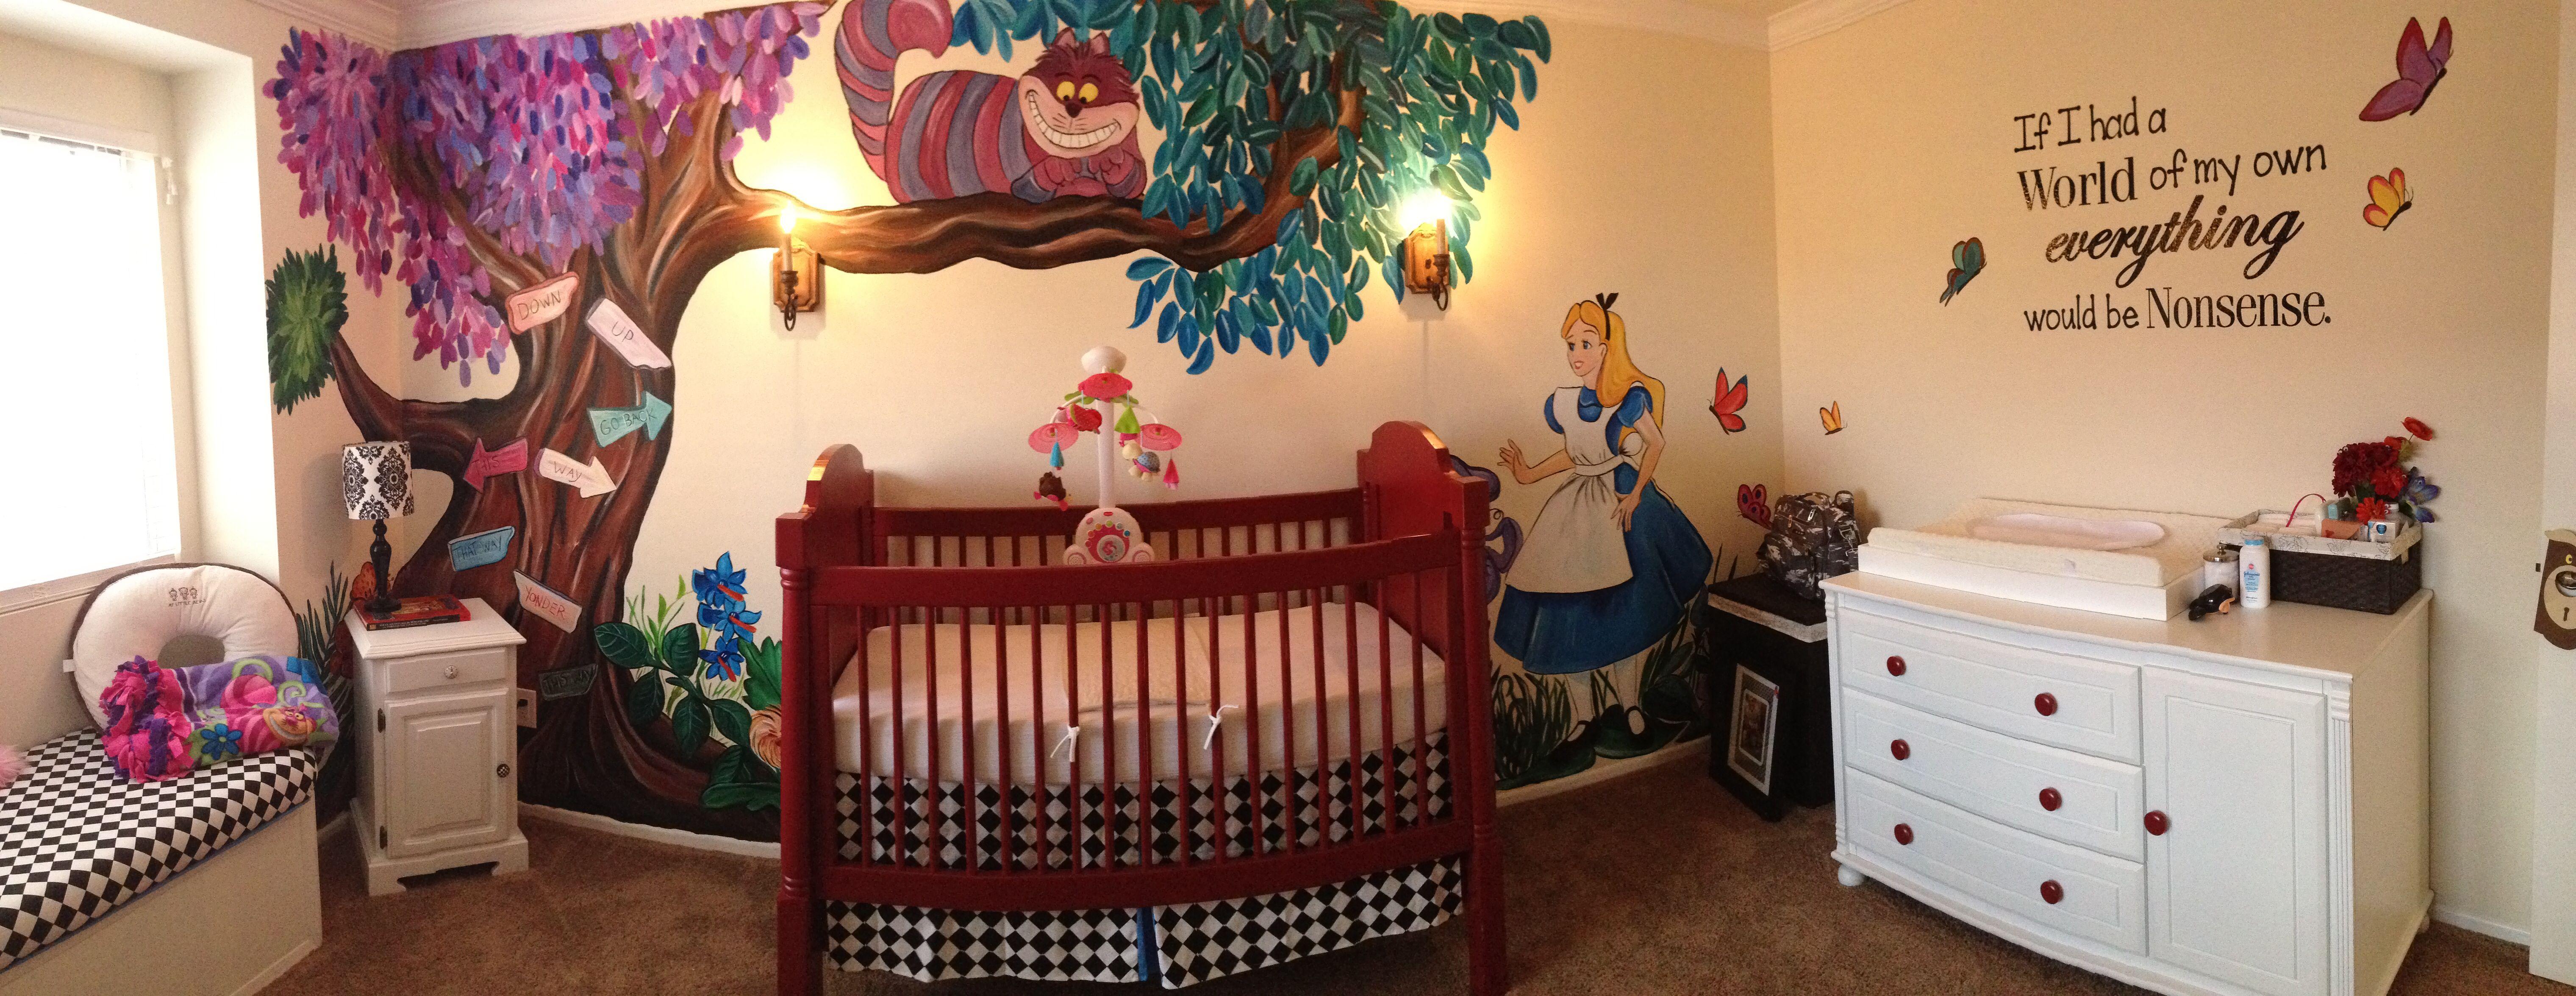 alice in wonderland mural disney decor products. Black Bedroom Furniture Sets. Home Design Ideas